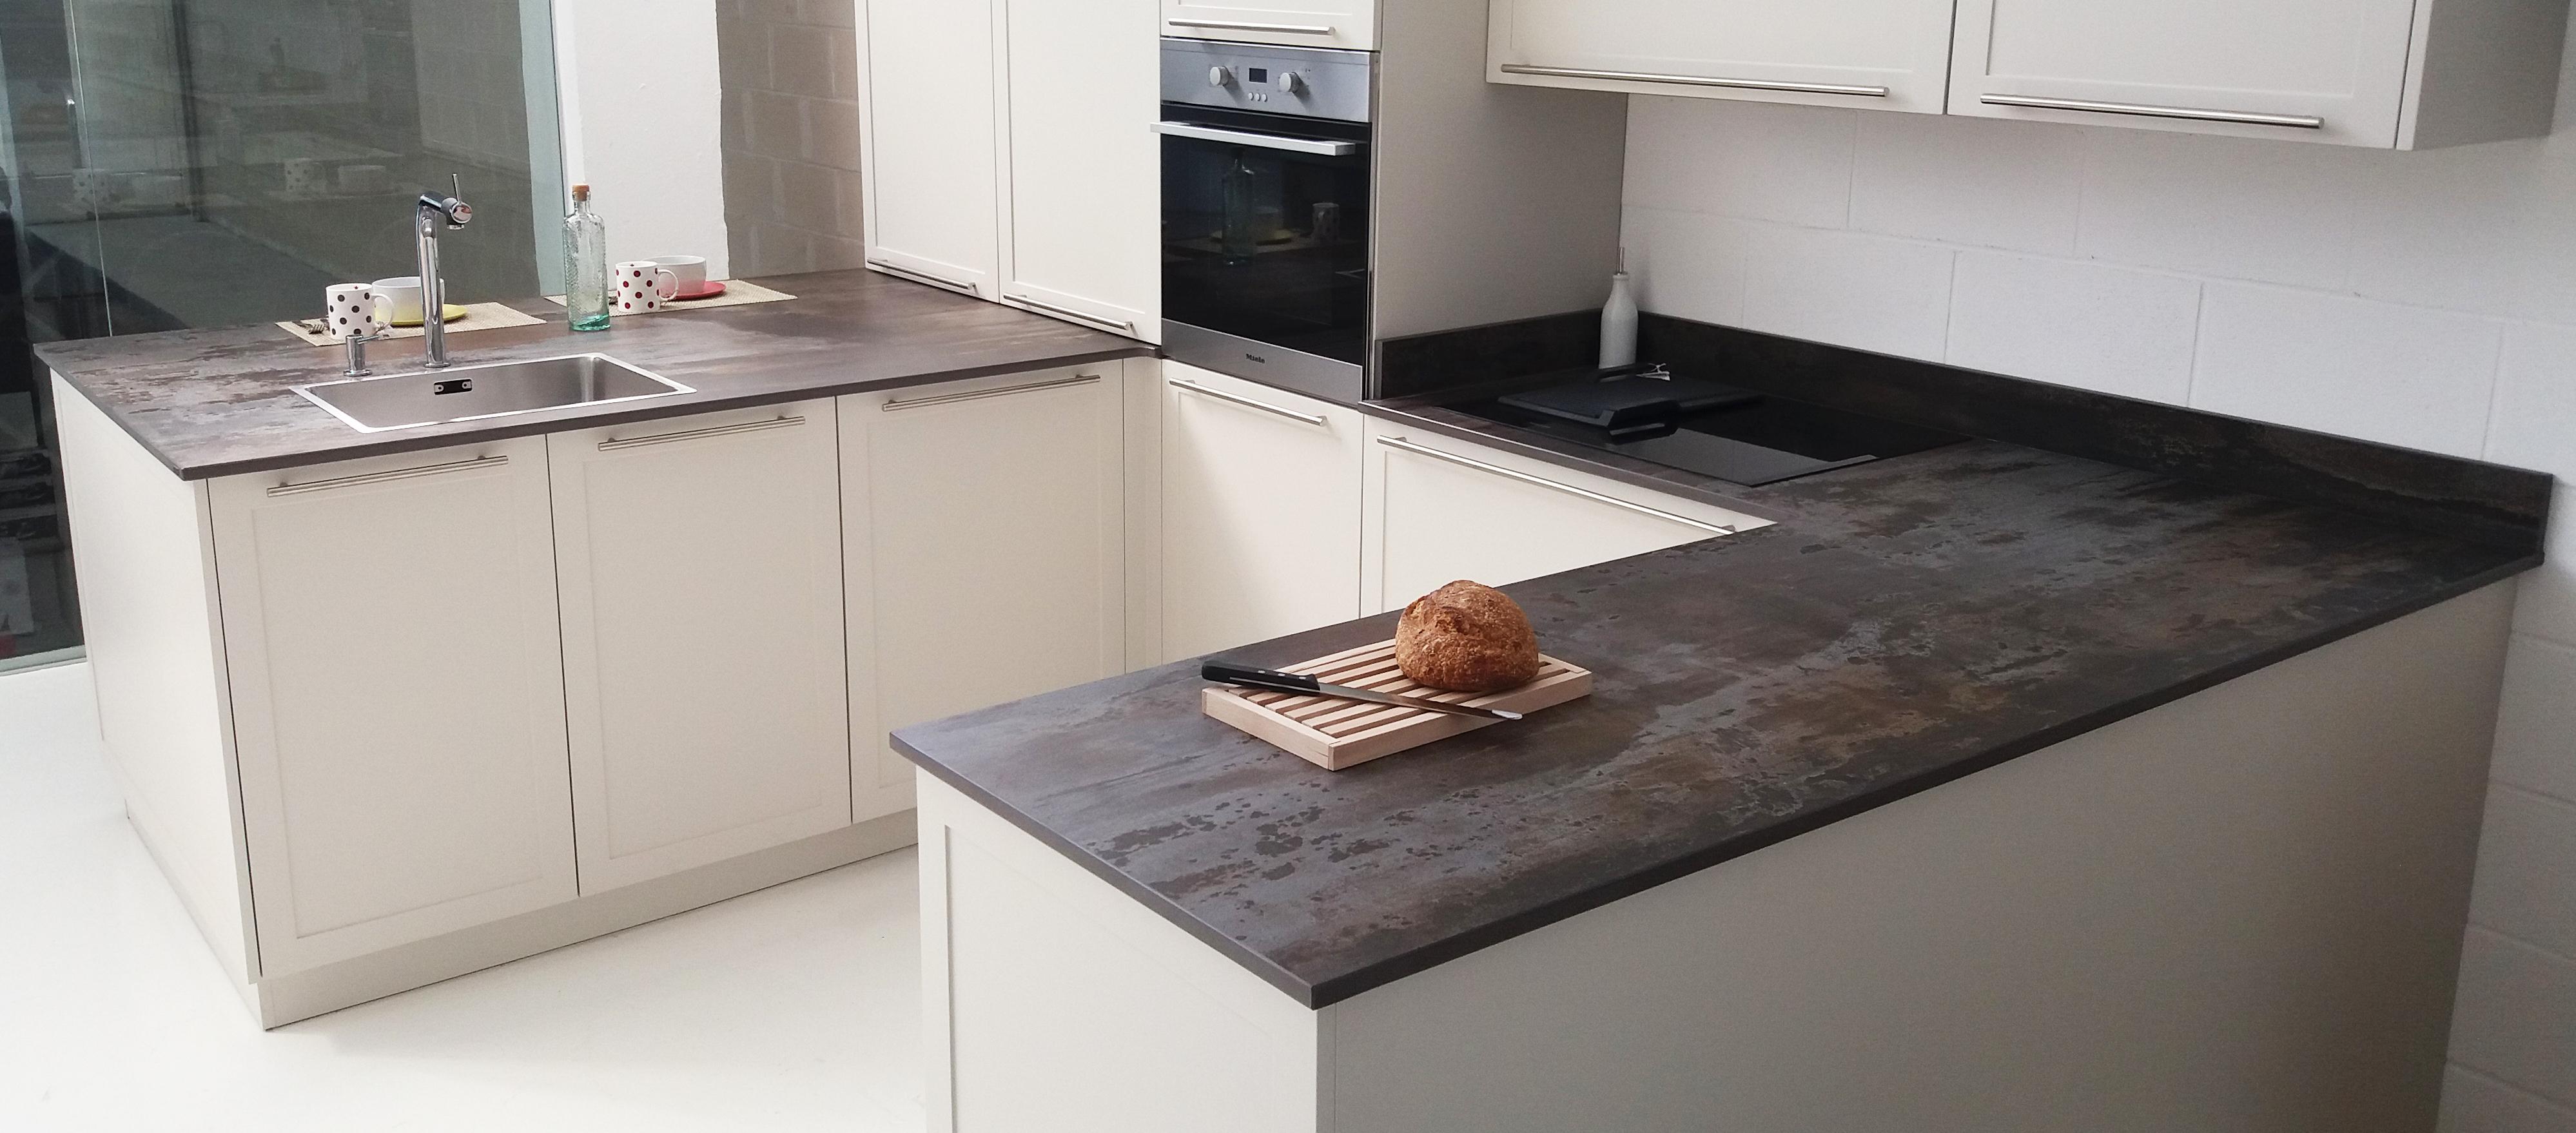 Encimeras de cocina y ba o m rmoles aztiria - Encimeras de marmol para cocinas ...